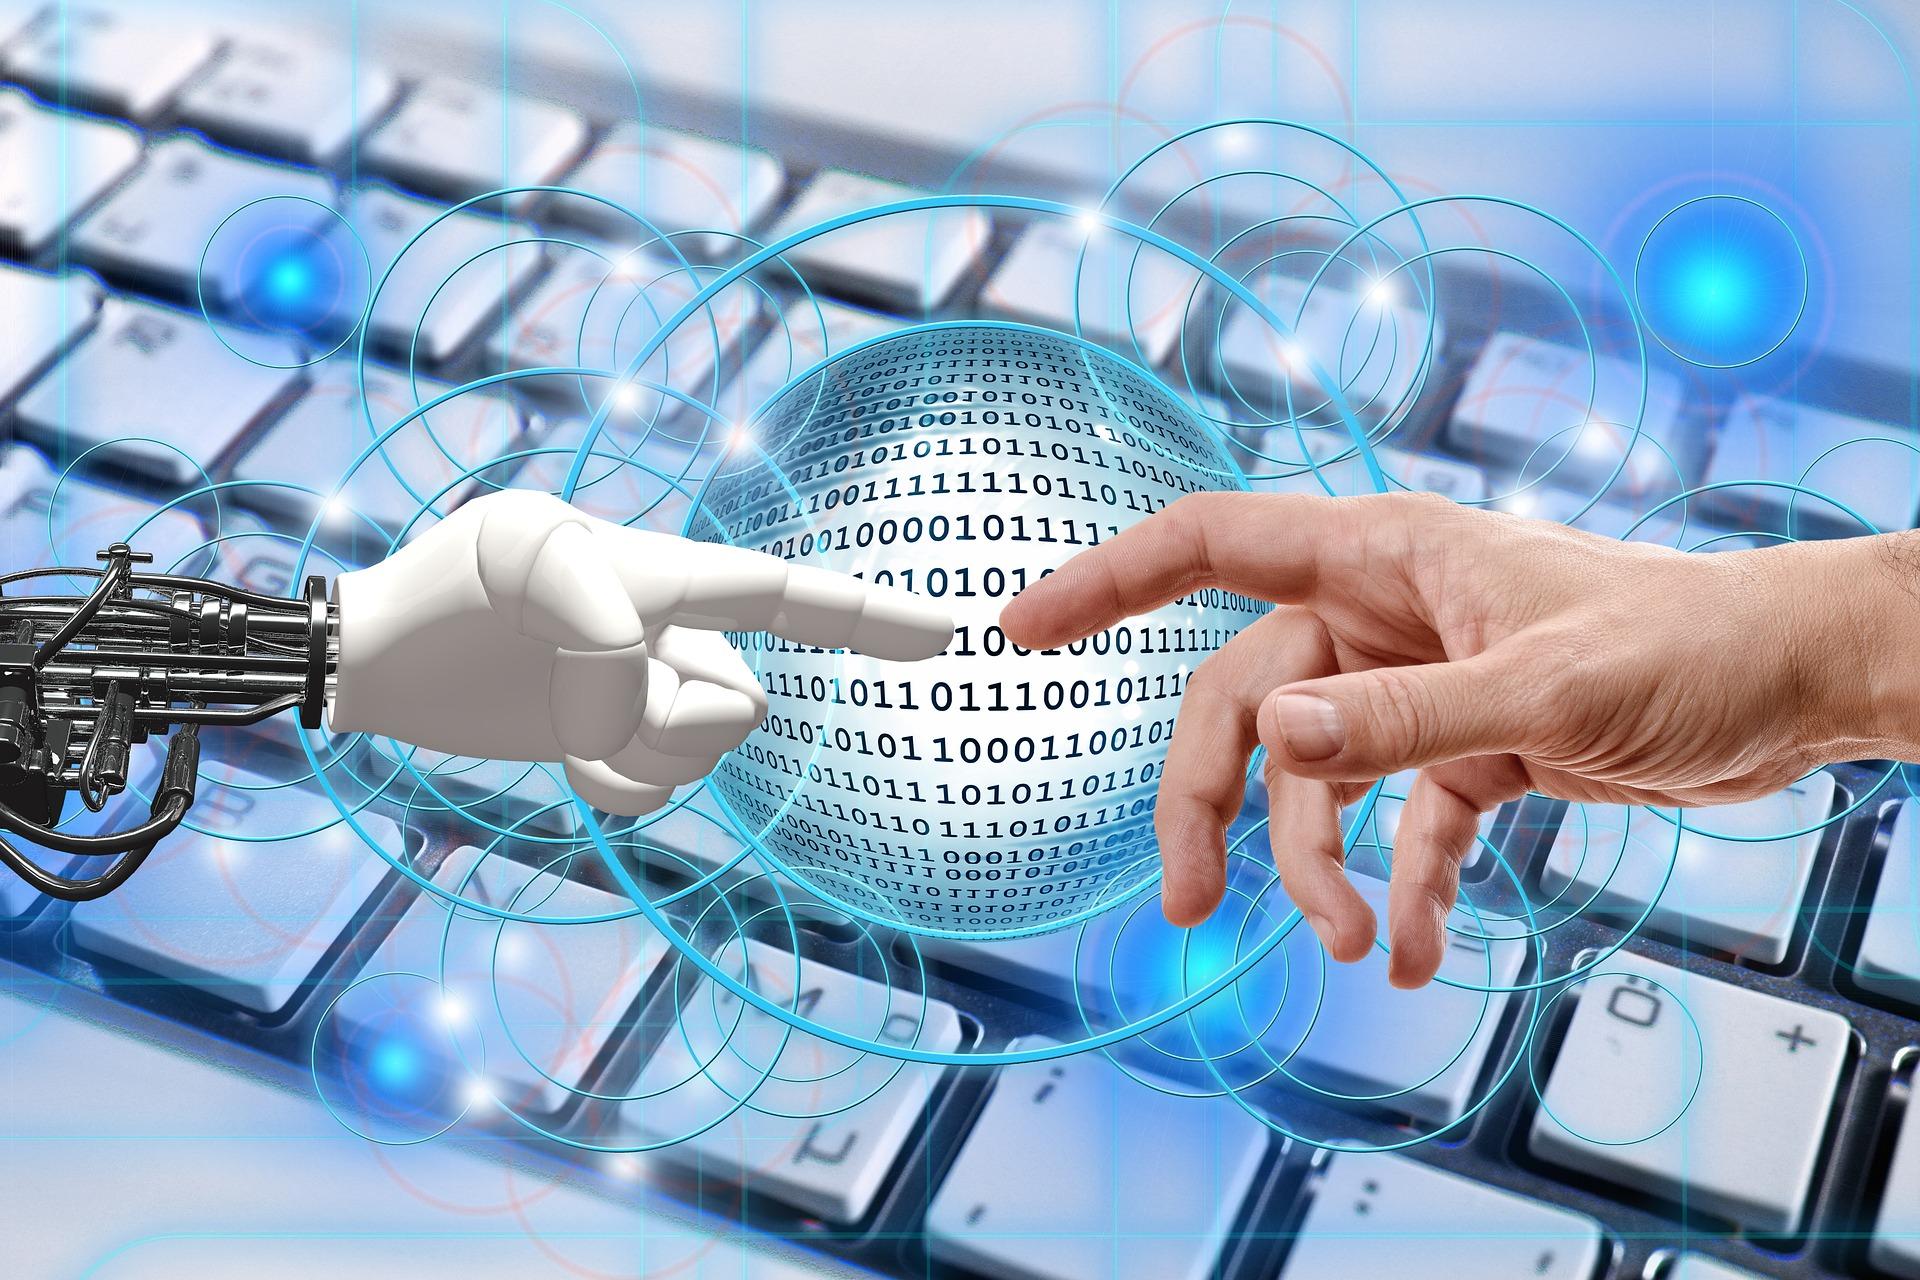 データ連携を自動化!いま注目のRPAを物品管理業務に活かした事例とは?